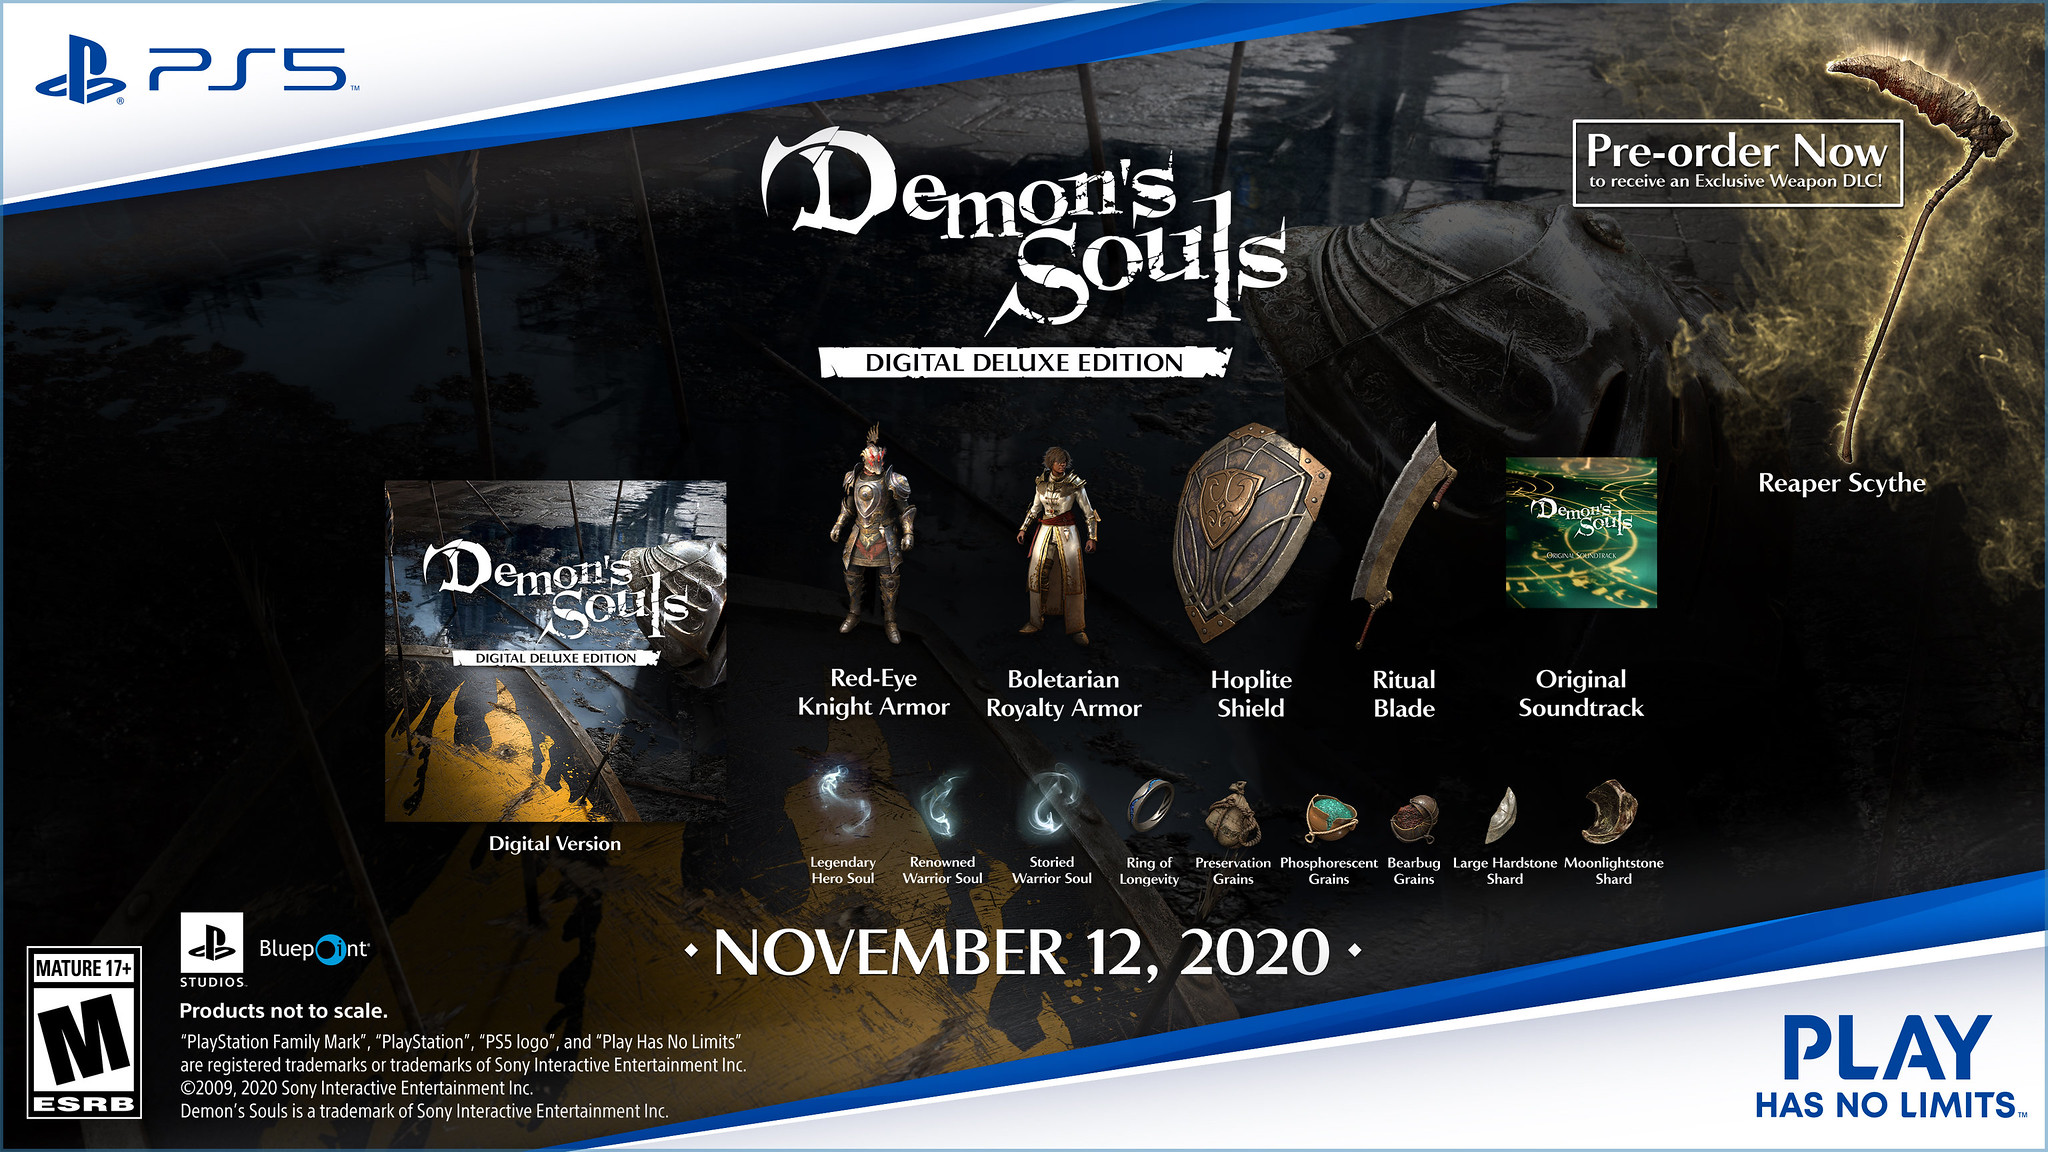 游戏新消息:恶魔之魂重制版全新截图数字豪华版售价90英镑